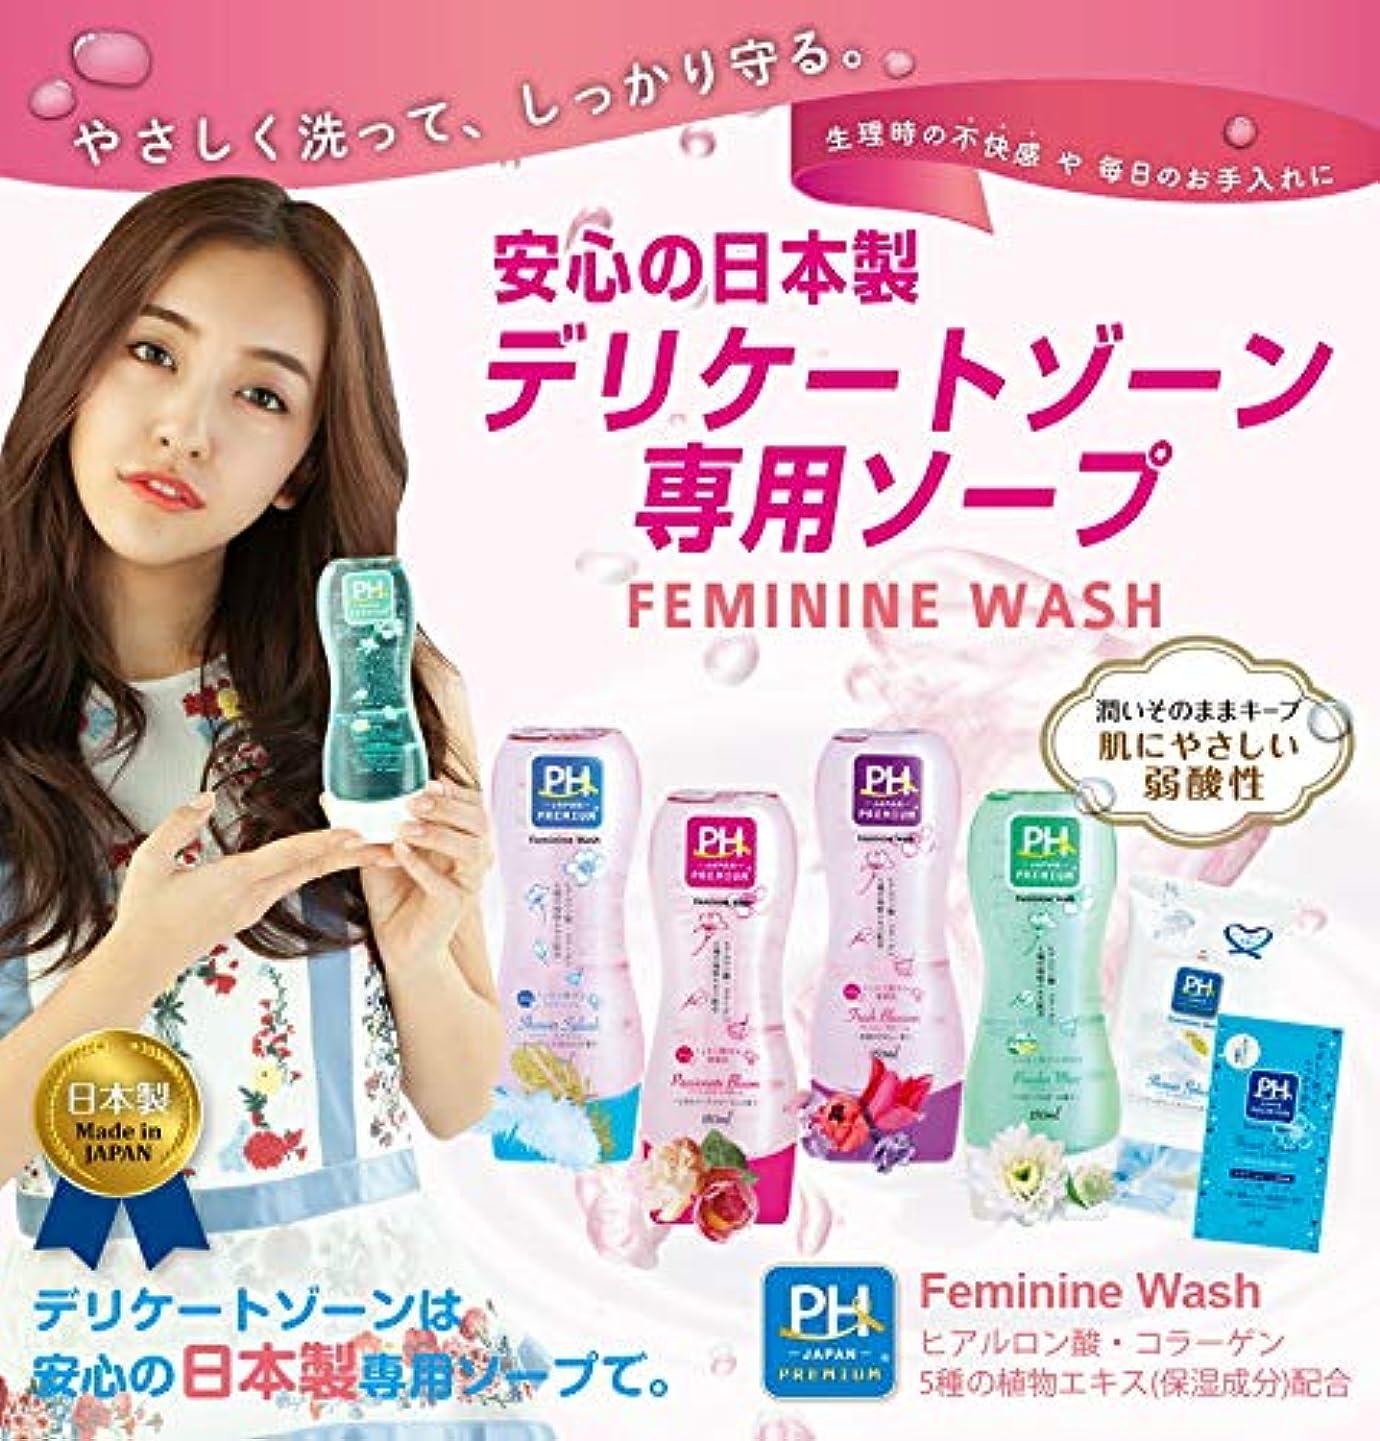 トレイ変動する組PH JAPAN プレミアム フェミニンウォッシュ パッショネイトブルーム150ml上品なローズフローラルの香り 3本セット